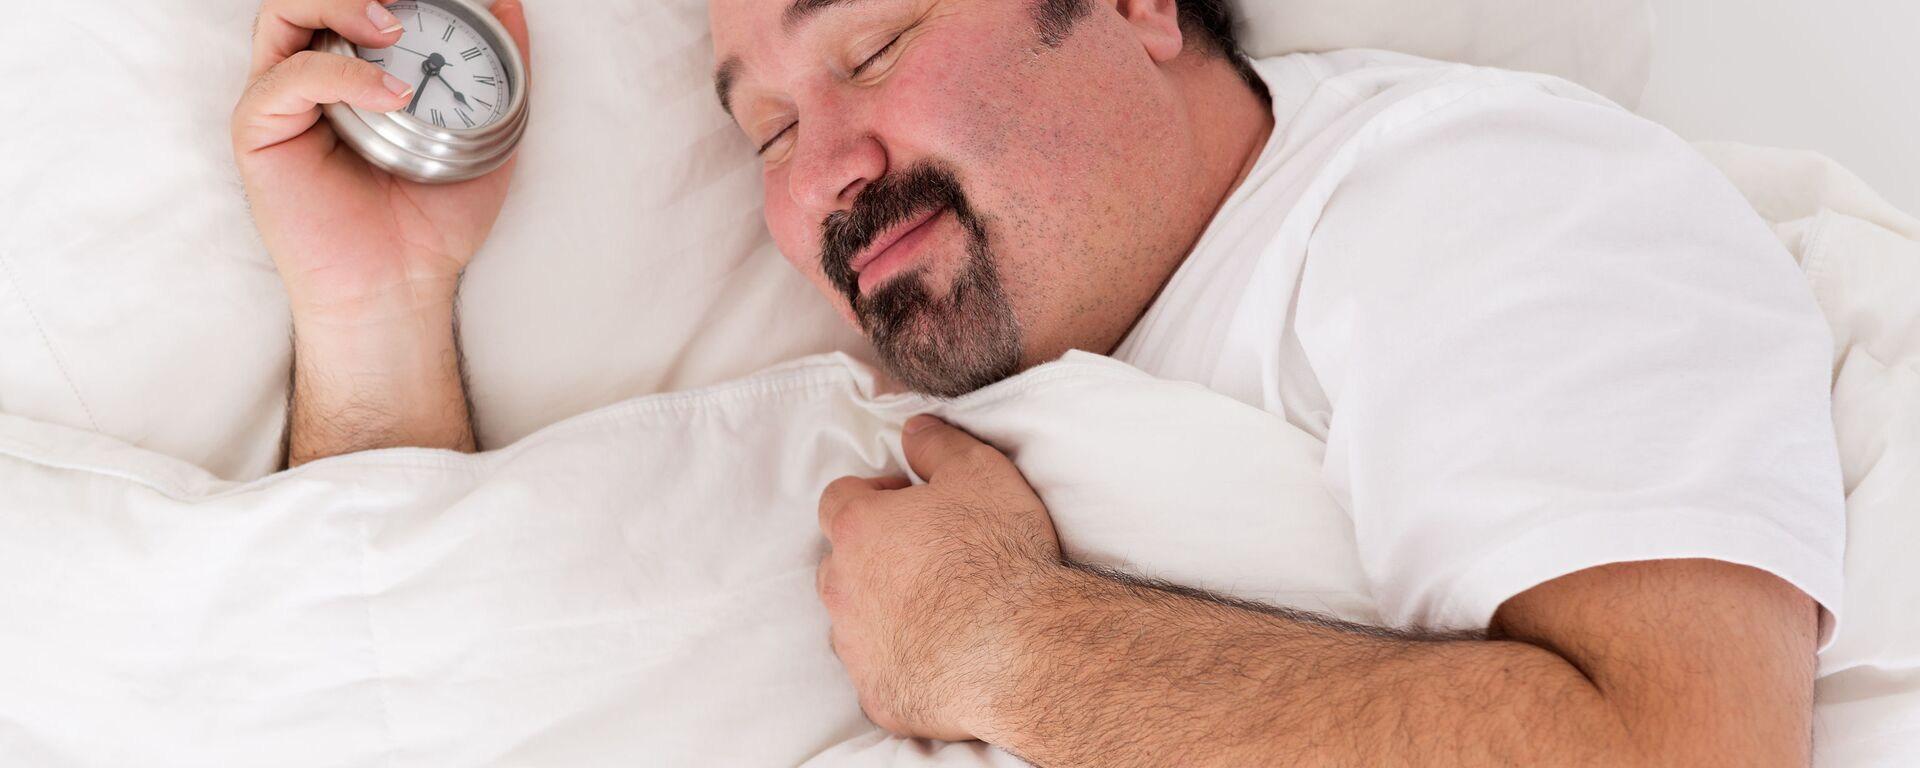 Śpiący mężczyzna z budzikiem - Sputnik Polska, 1920, 01.08.2021